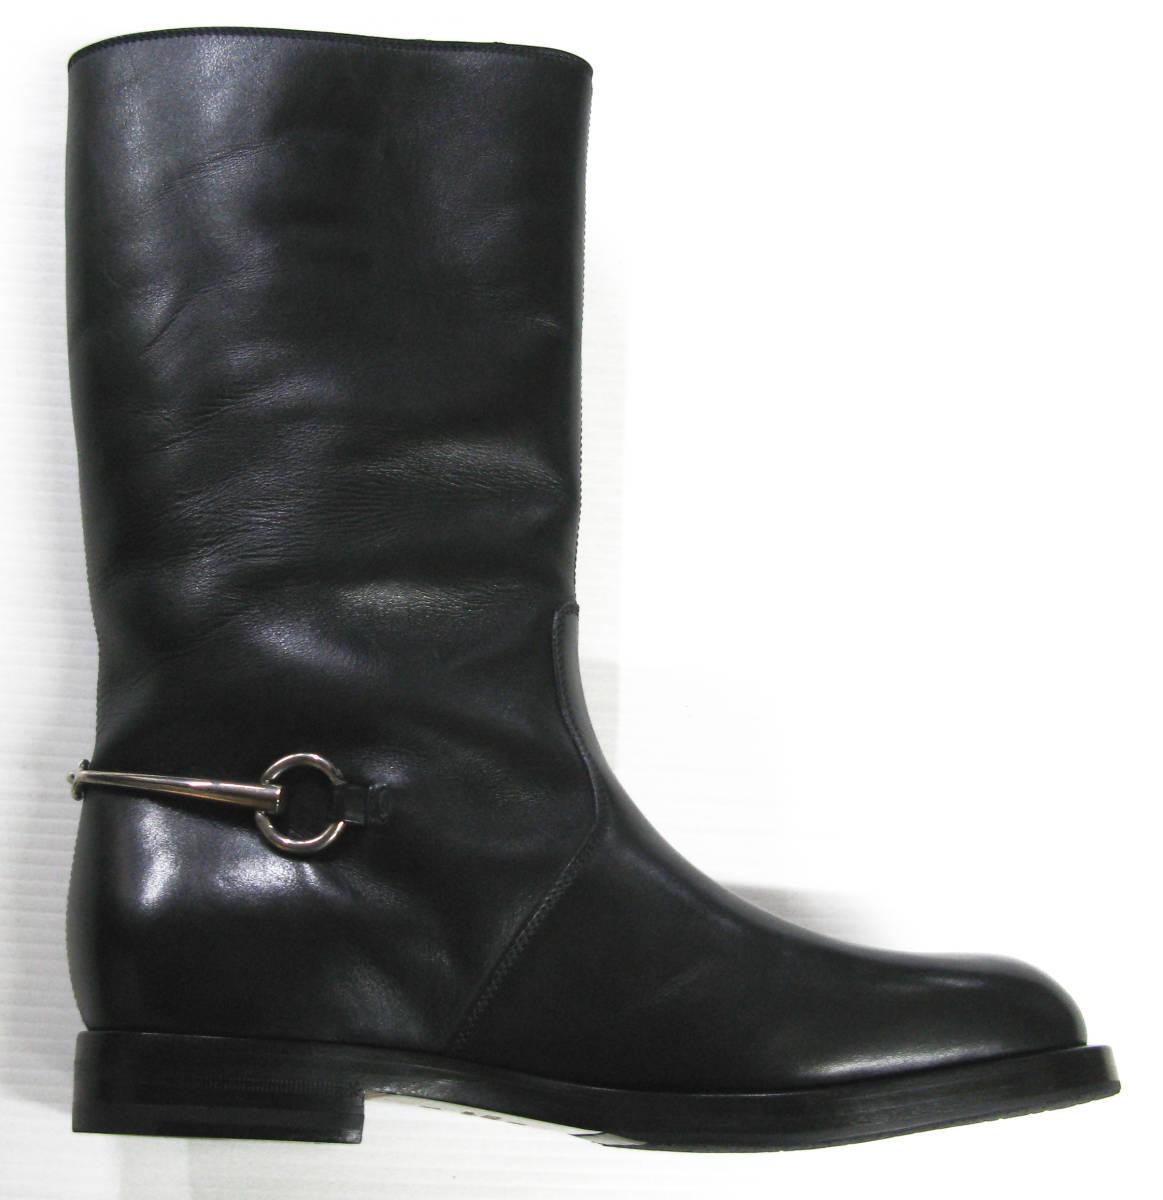 グッチ GUCCI*レザー ロング ブーツ 美品 7.5 ( 革靴 シューズ leather boots_画像3